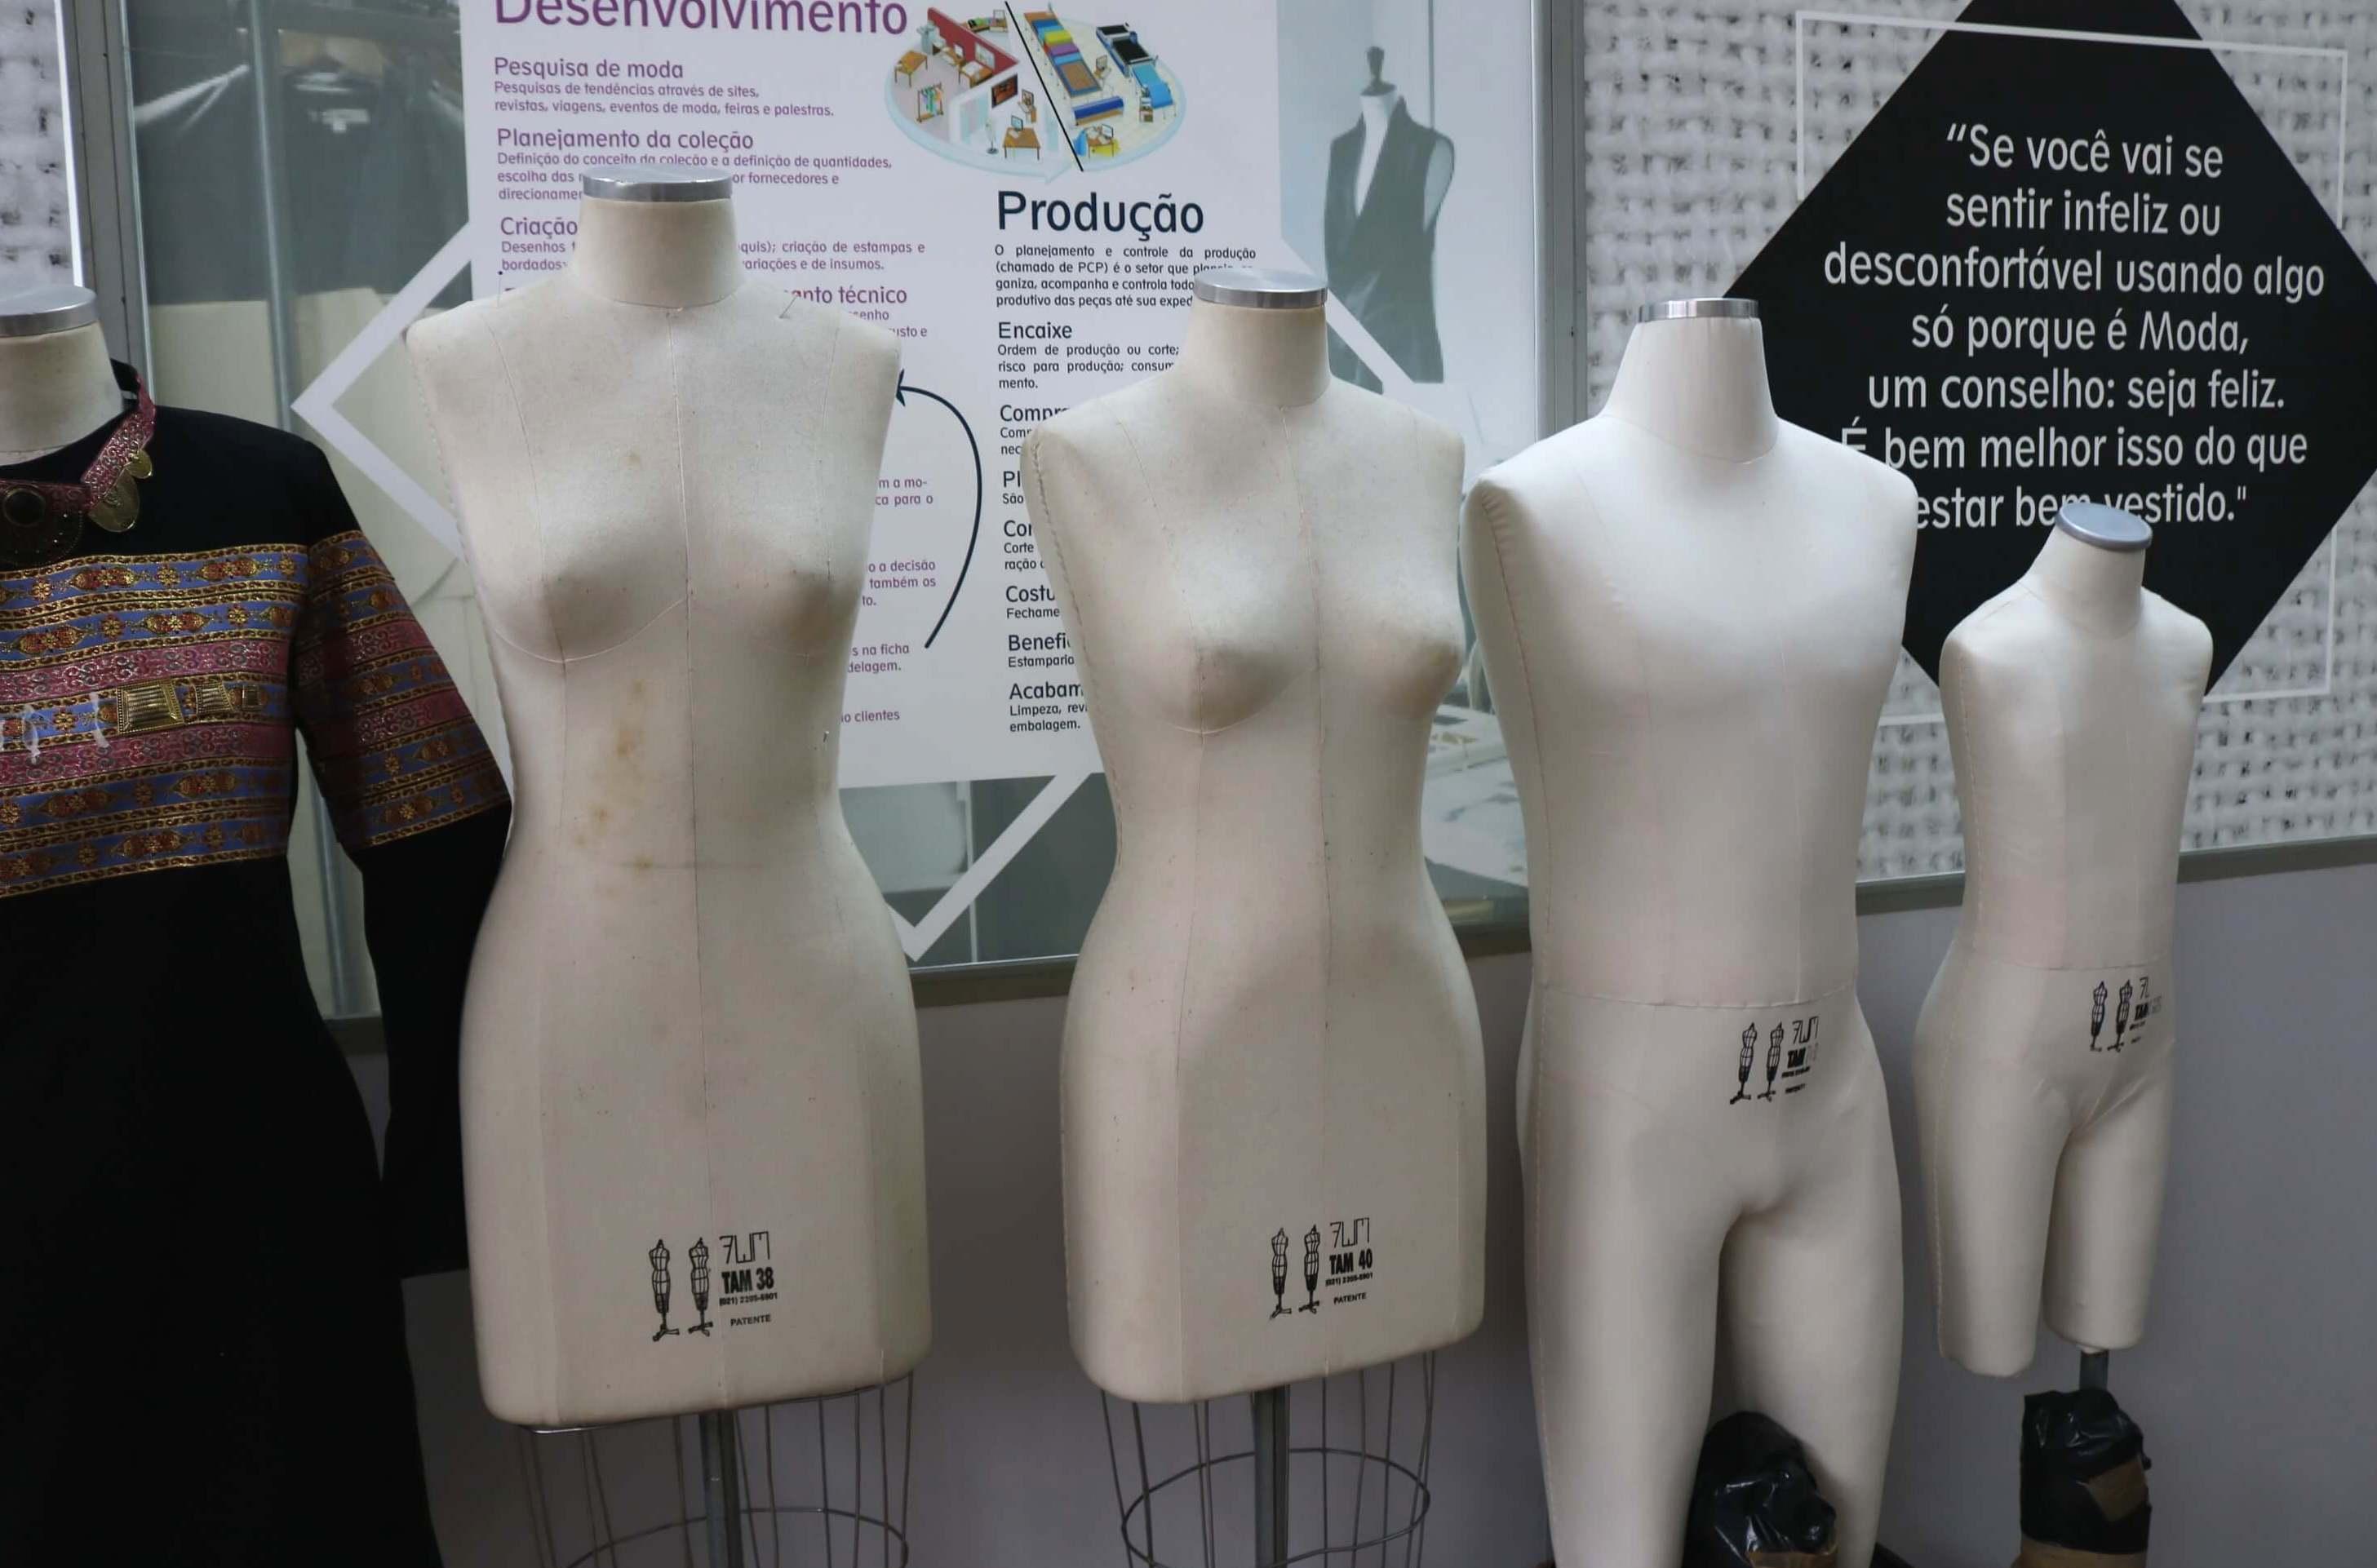 Design de Moda UCPel, 6 motivos para cursar Design de Moda na UCPel